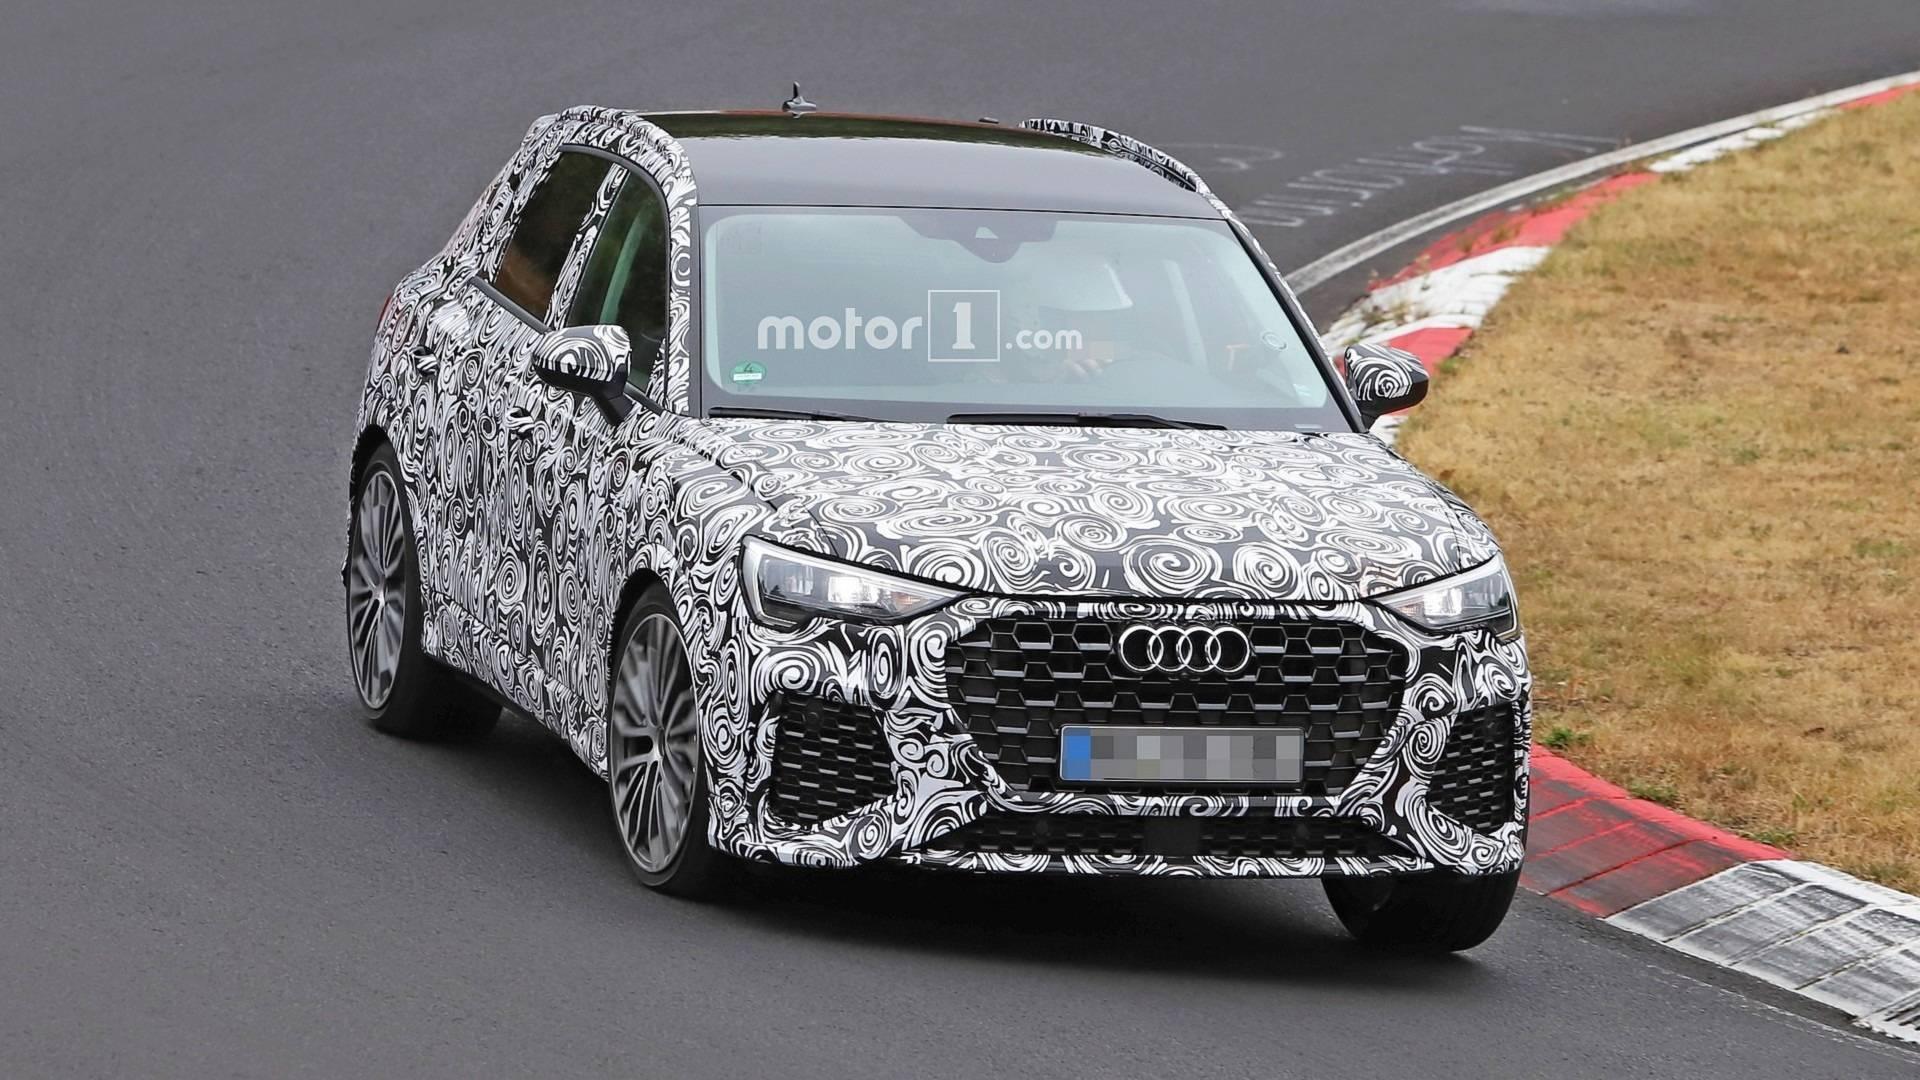 2018 - [Audi] Q3 II - Page 7 2020-audi-rs-q3-spy-photo